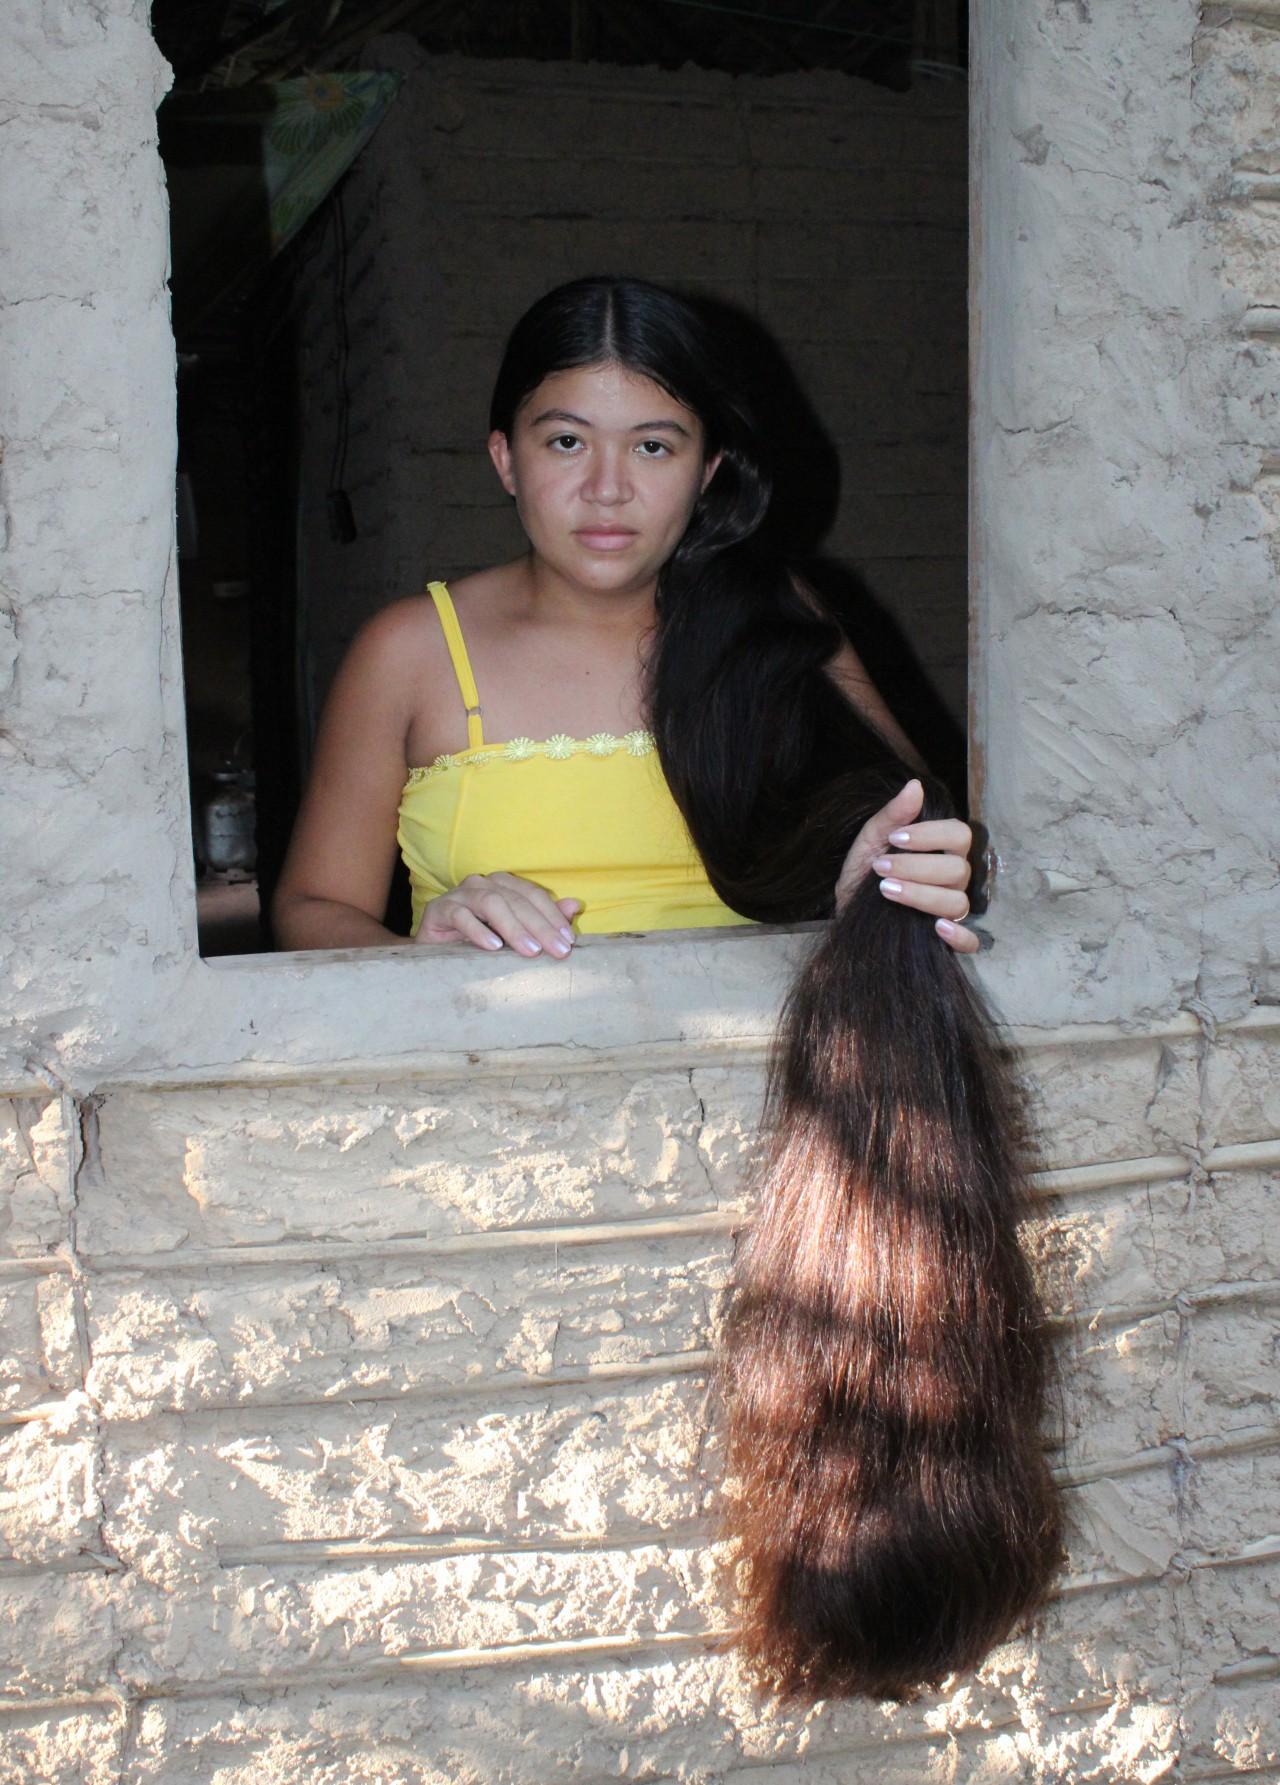 Por semana a mulher gasta um frasco de shampoo de 350 ml para lavar os fios (Foto: Patrícia Andrade/G1)